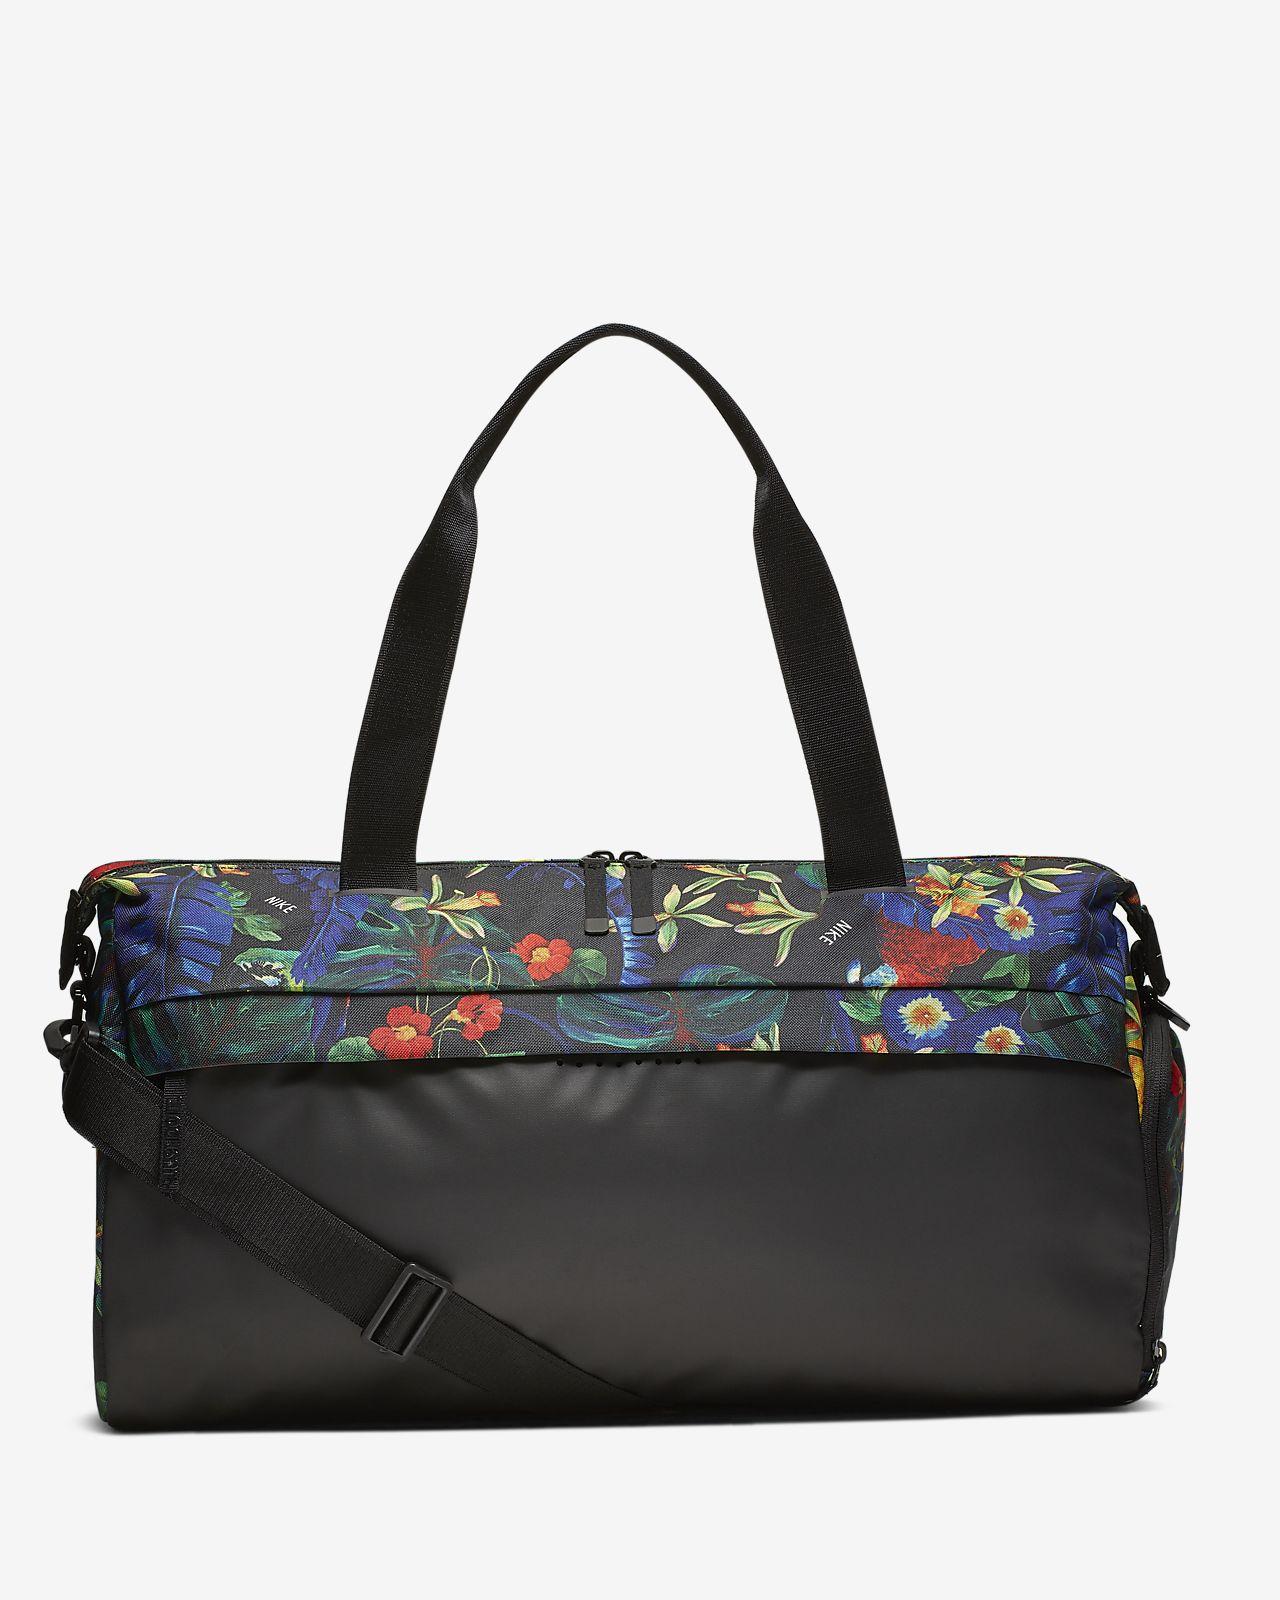 27606e0d14 Γυναικεία εμπριμέ τσάντα προπόνησης Nike Radiate Club. Nike.com GR